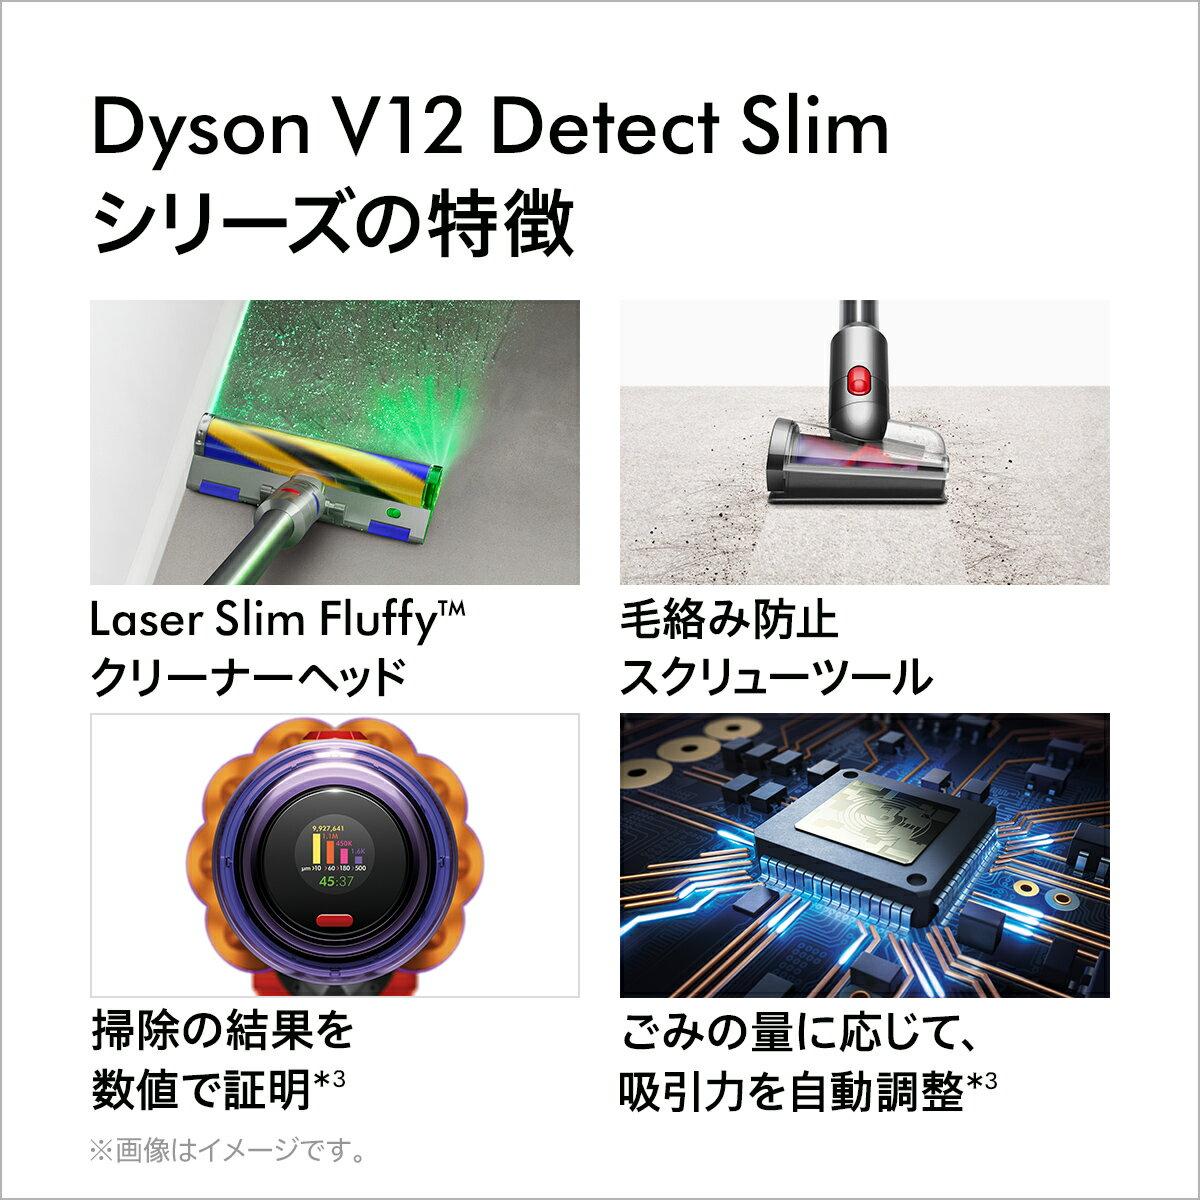 【5/26新発売】ダイソンDysonV12DetectSlimTotalCleanサイクロン式コードレス掃除機dysonSV20ABL2021年モデル